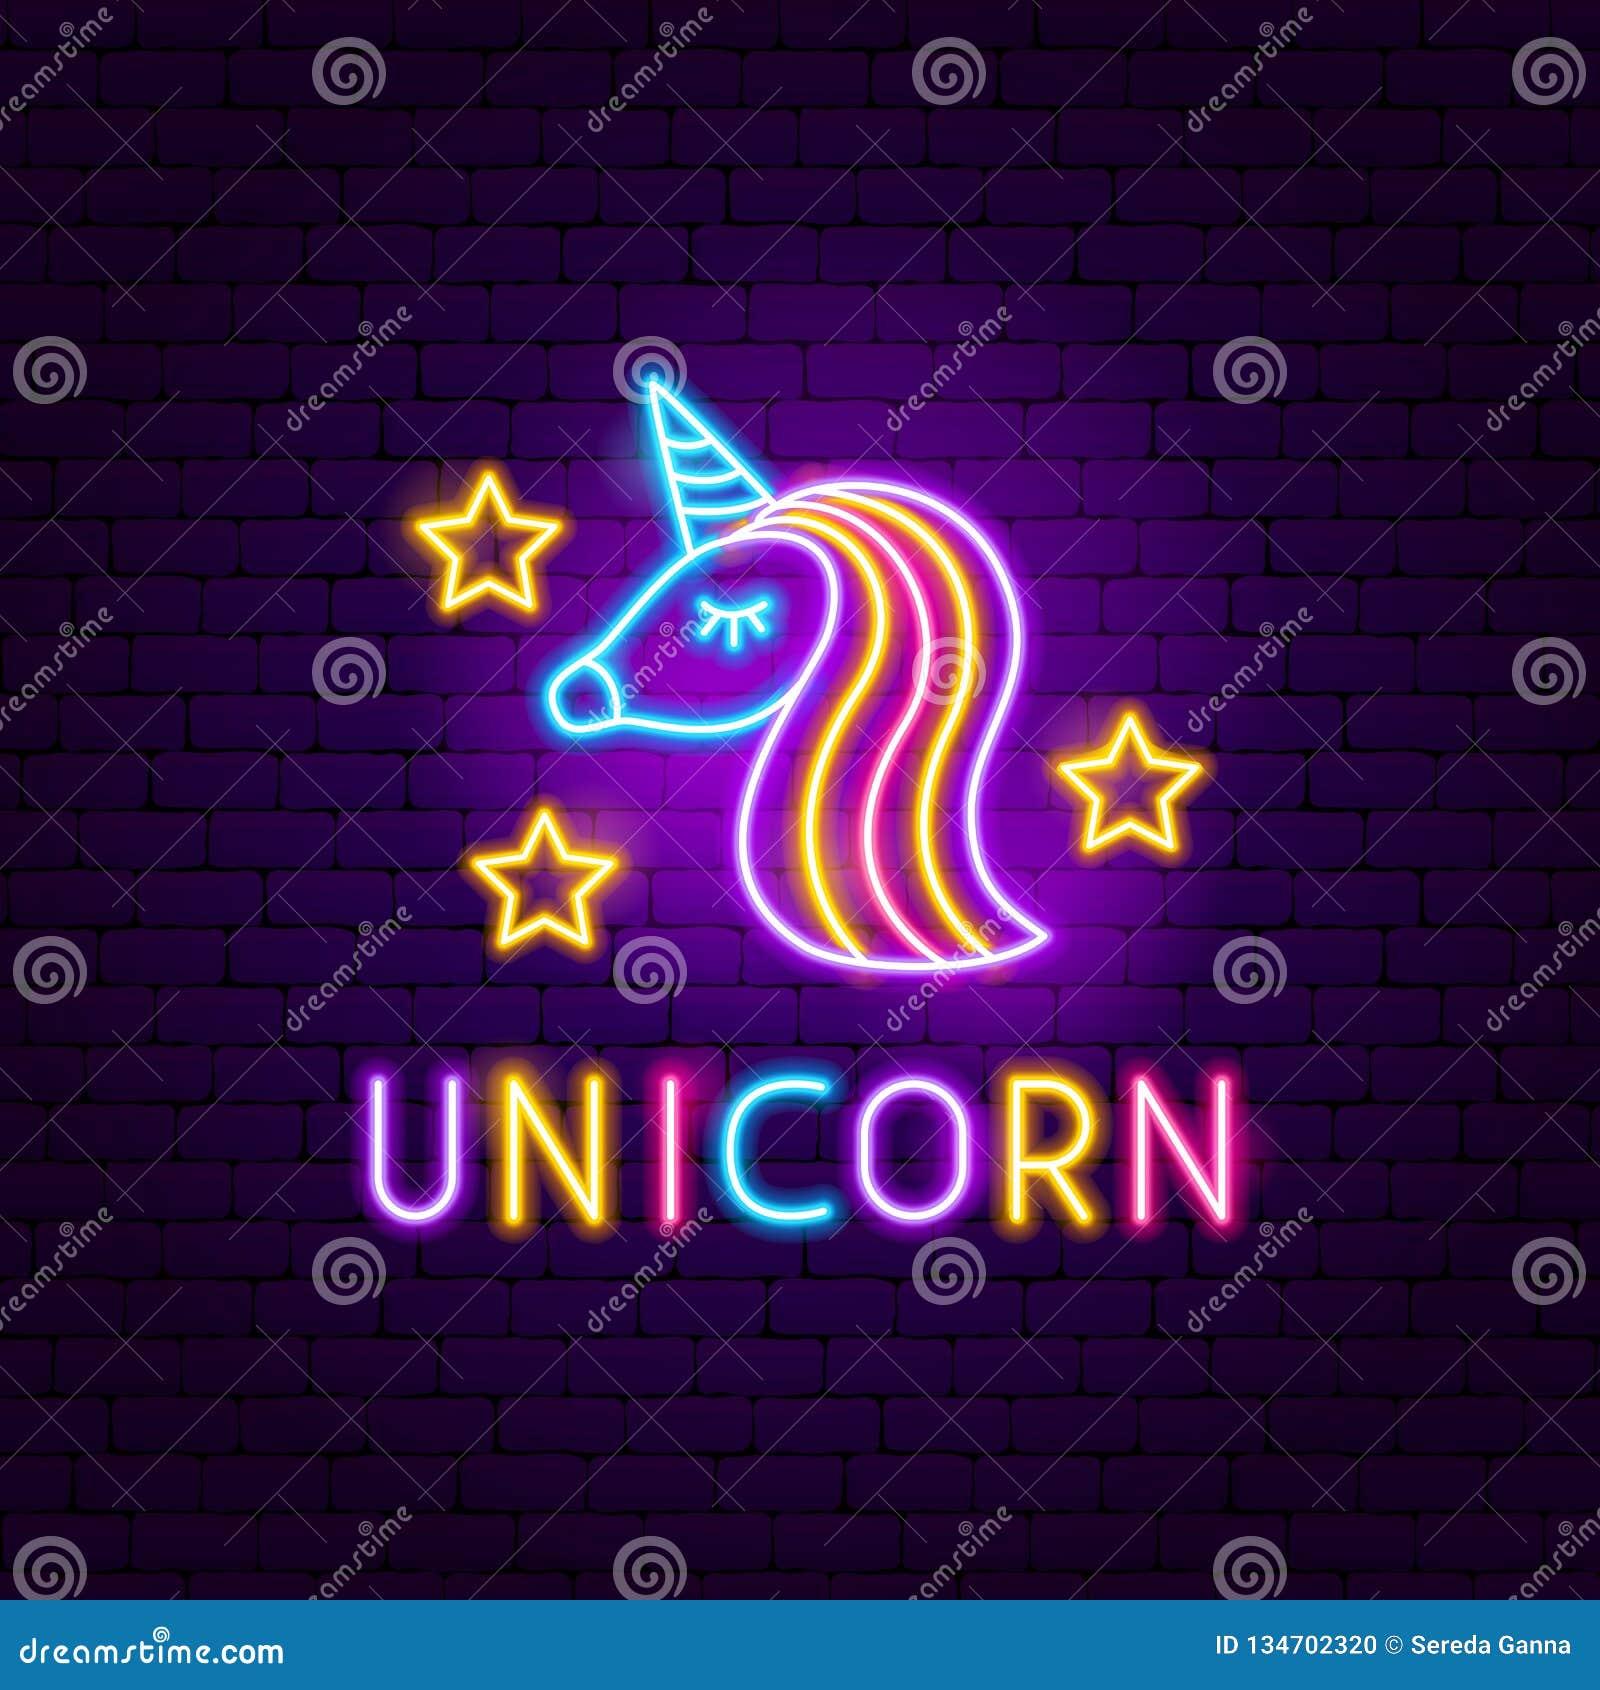 Unicorn Neon Label